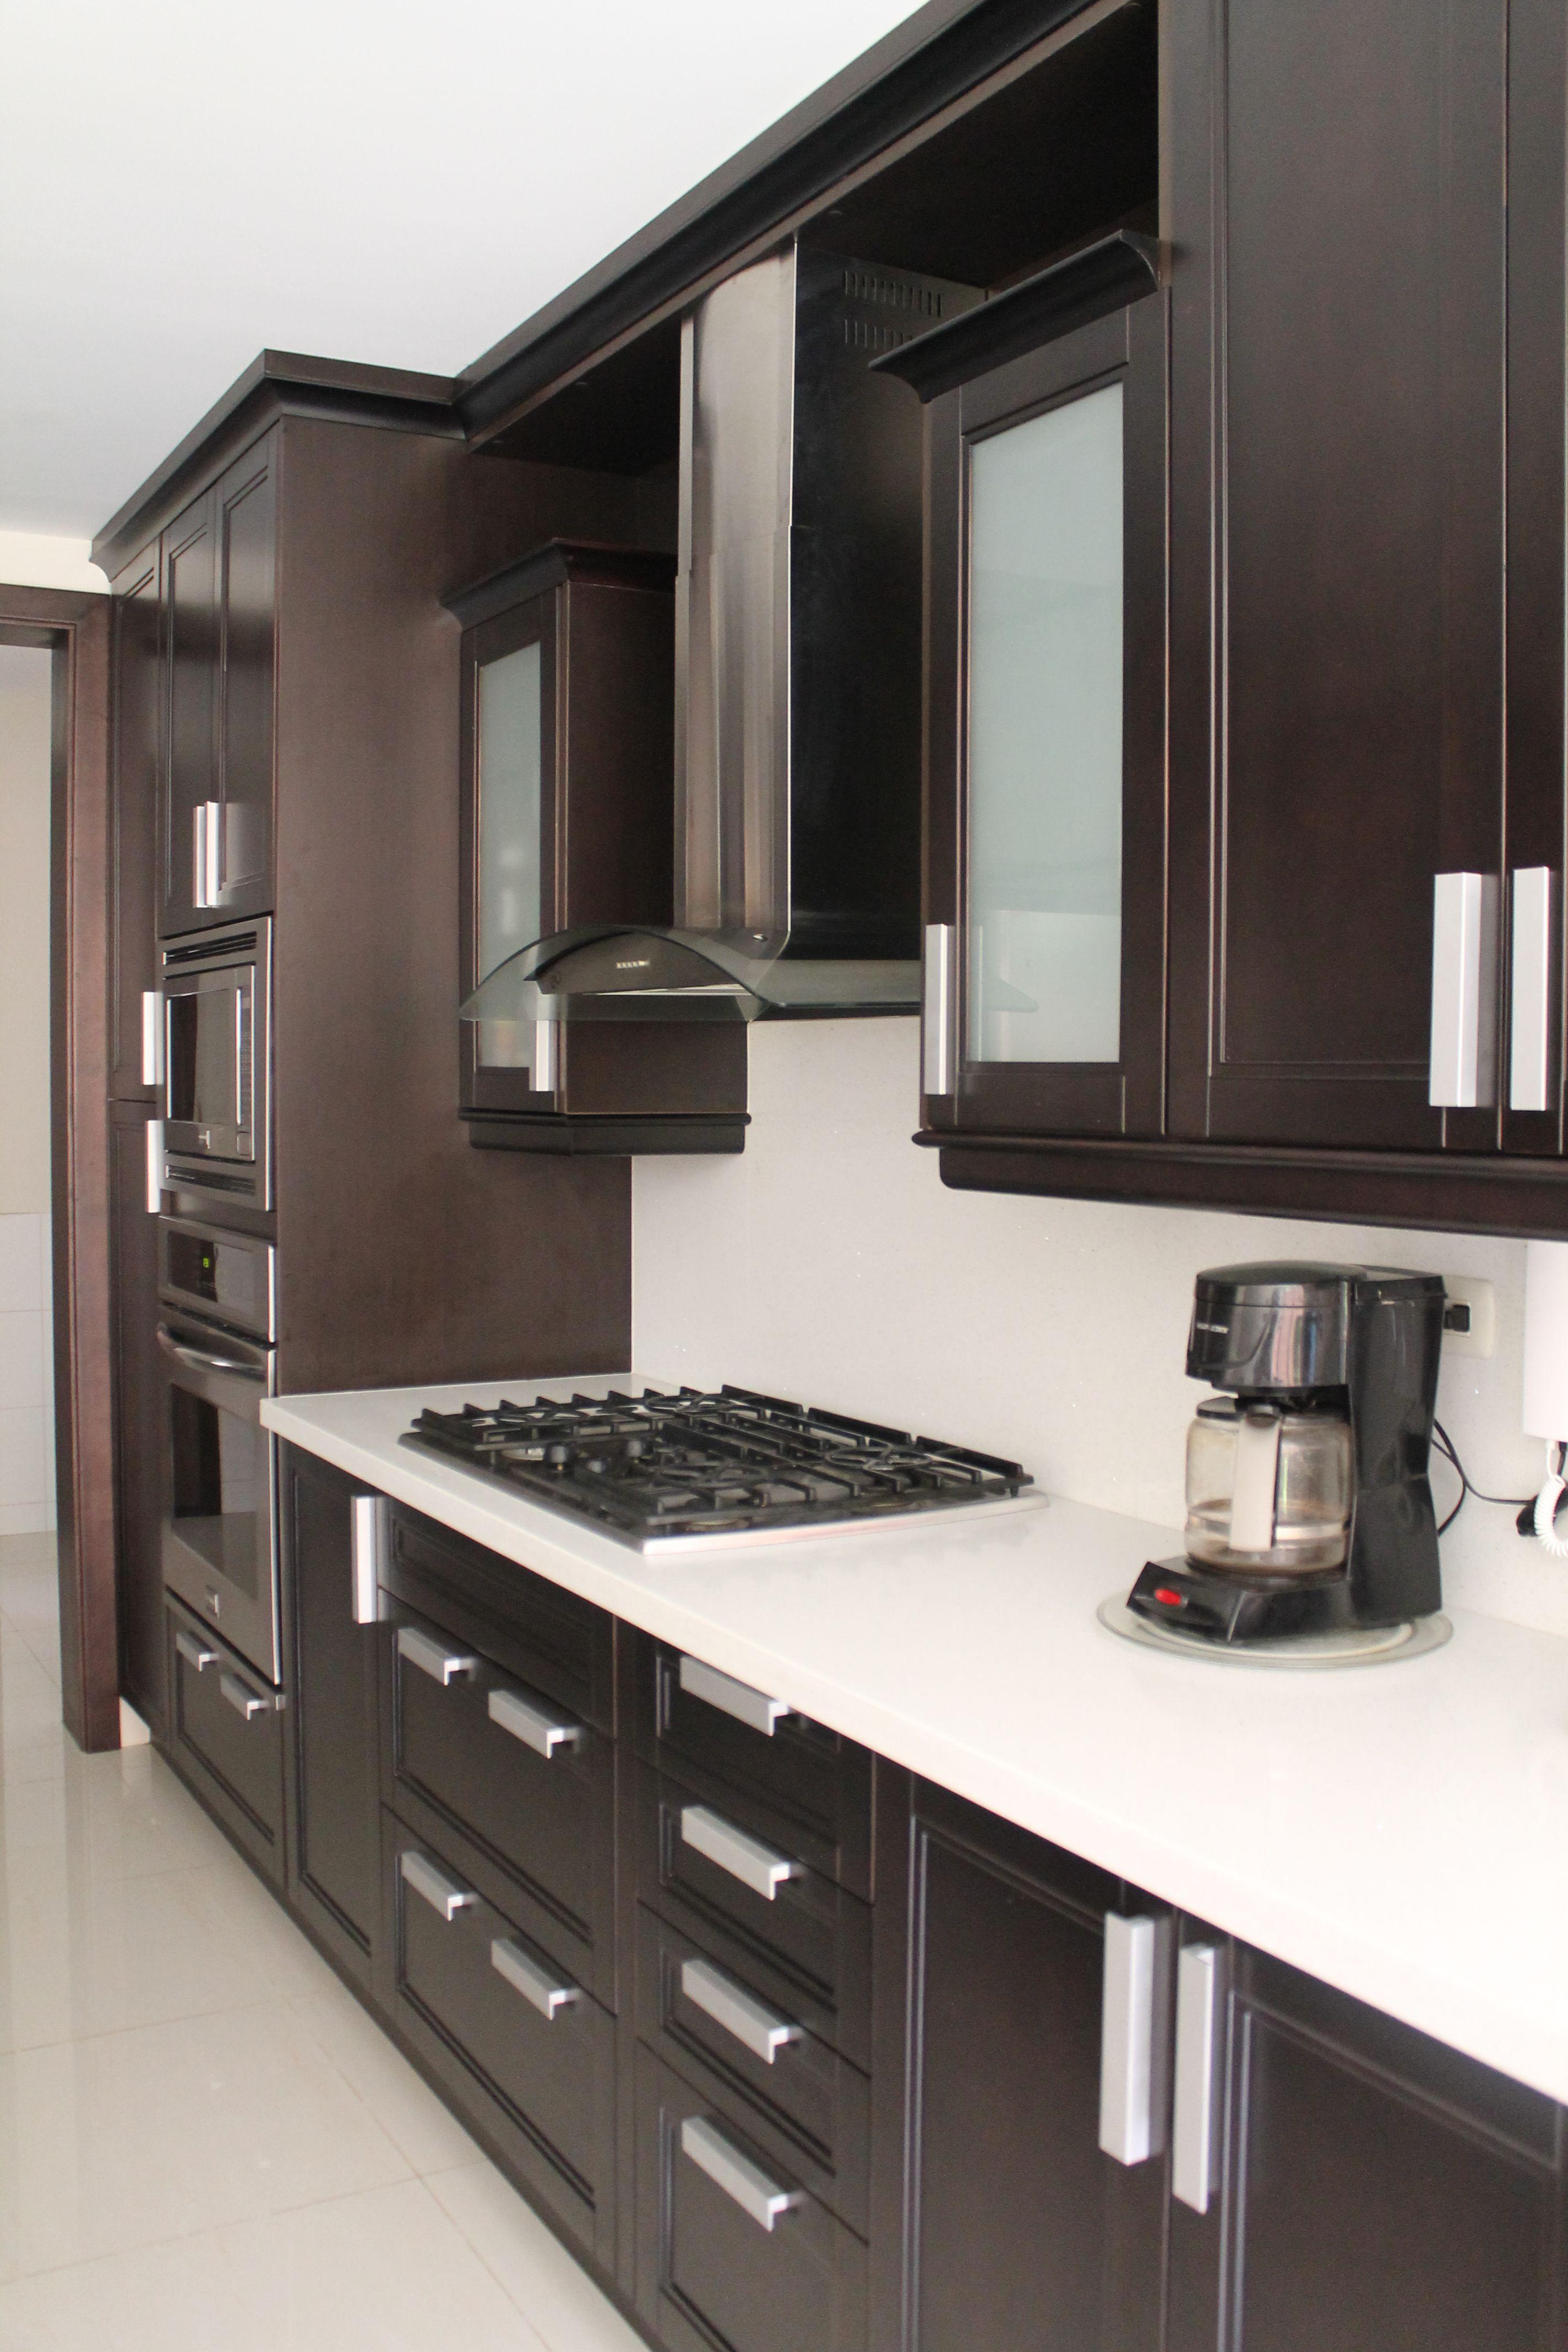 Cocina valencia wengu con cuarzo blanco ideas para el for Gabinetes de cocina de madera modernos